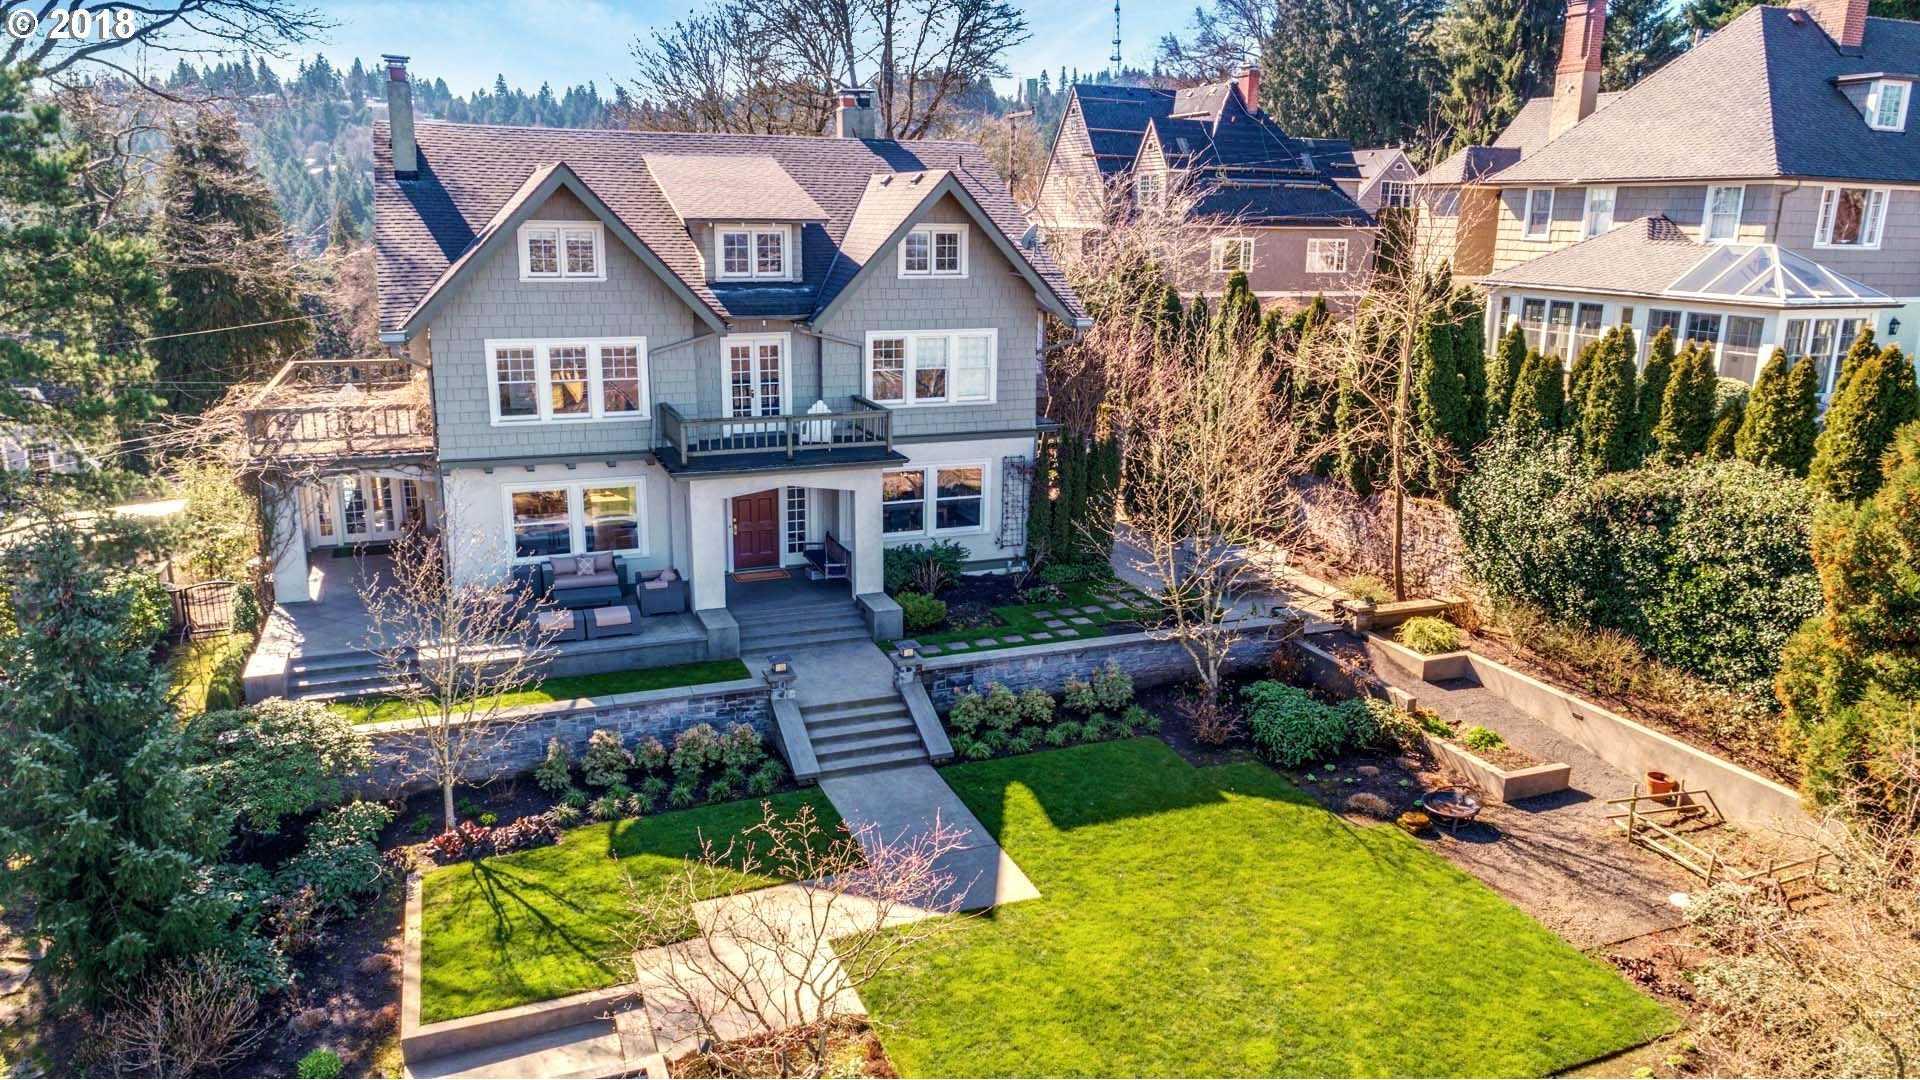 $2,250,100 - 5Br/4Ba -  for Sale in Southwest Hills, Portland